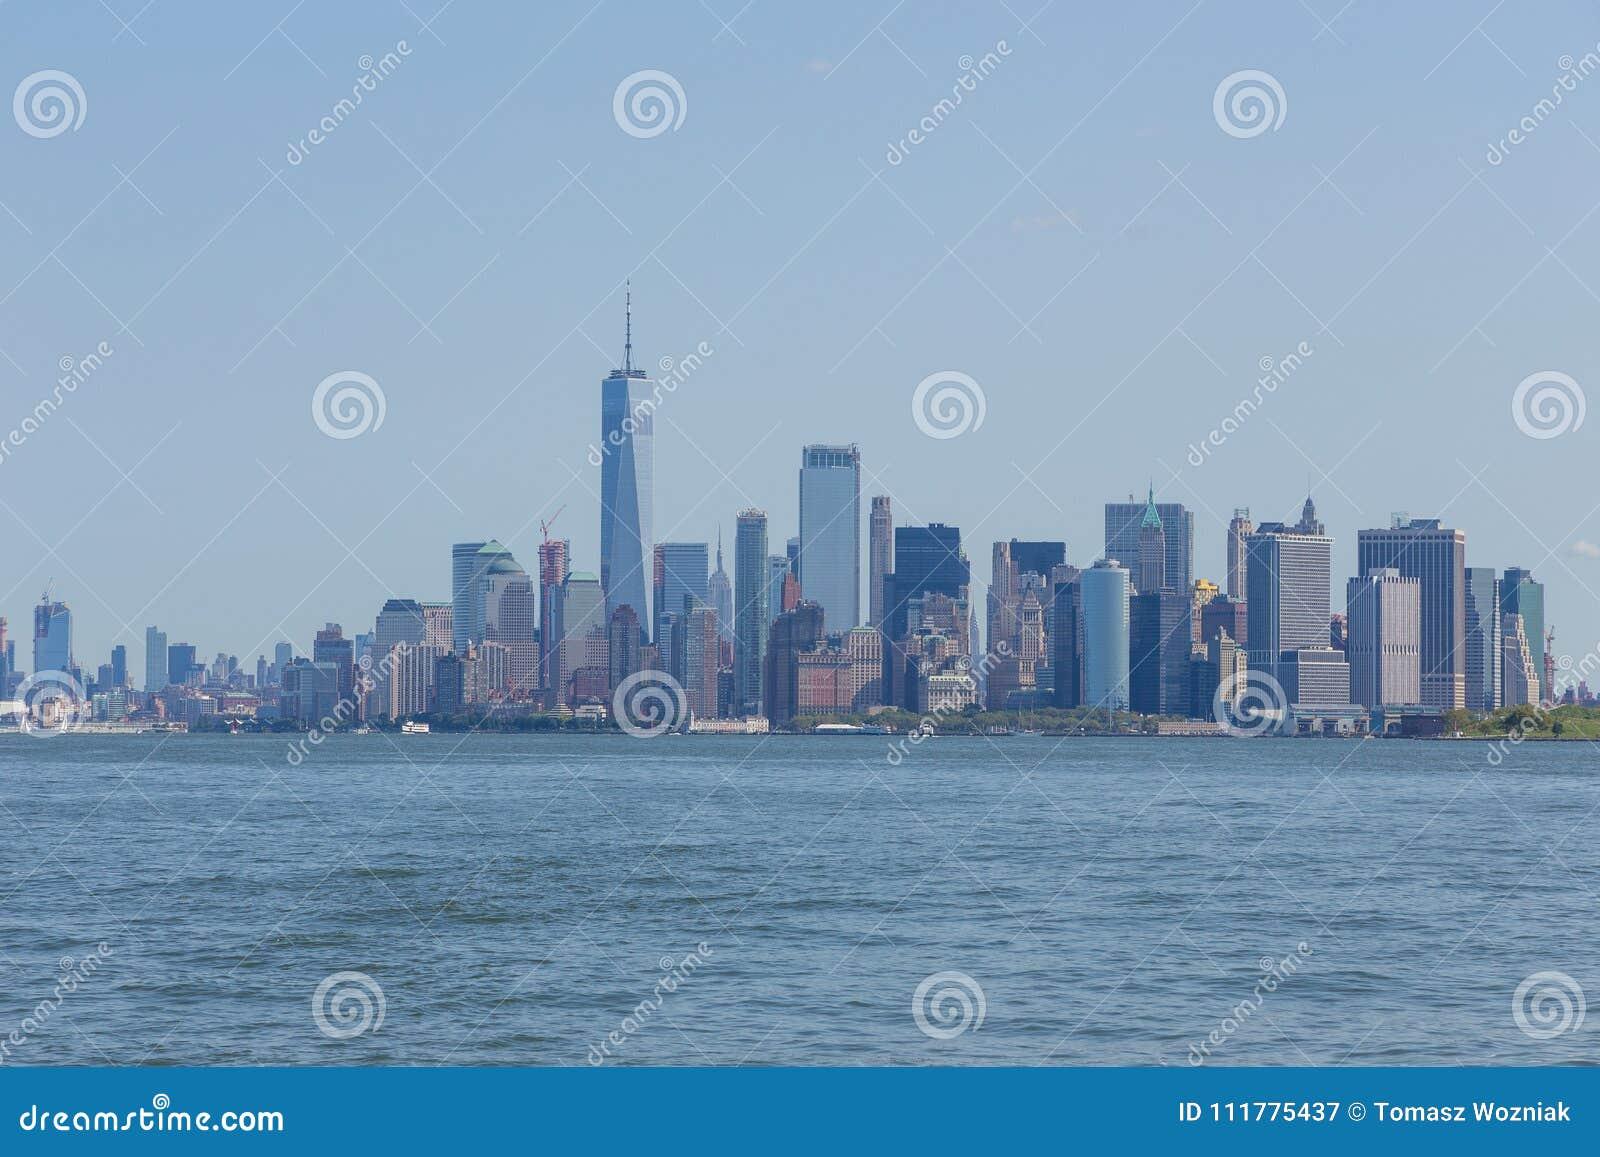 Panoramic view of Manhattan City skyline, New York.